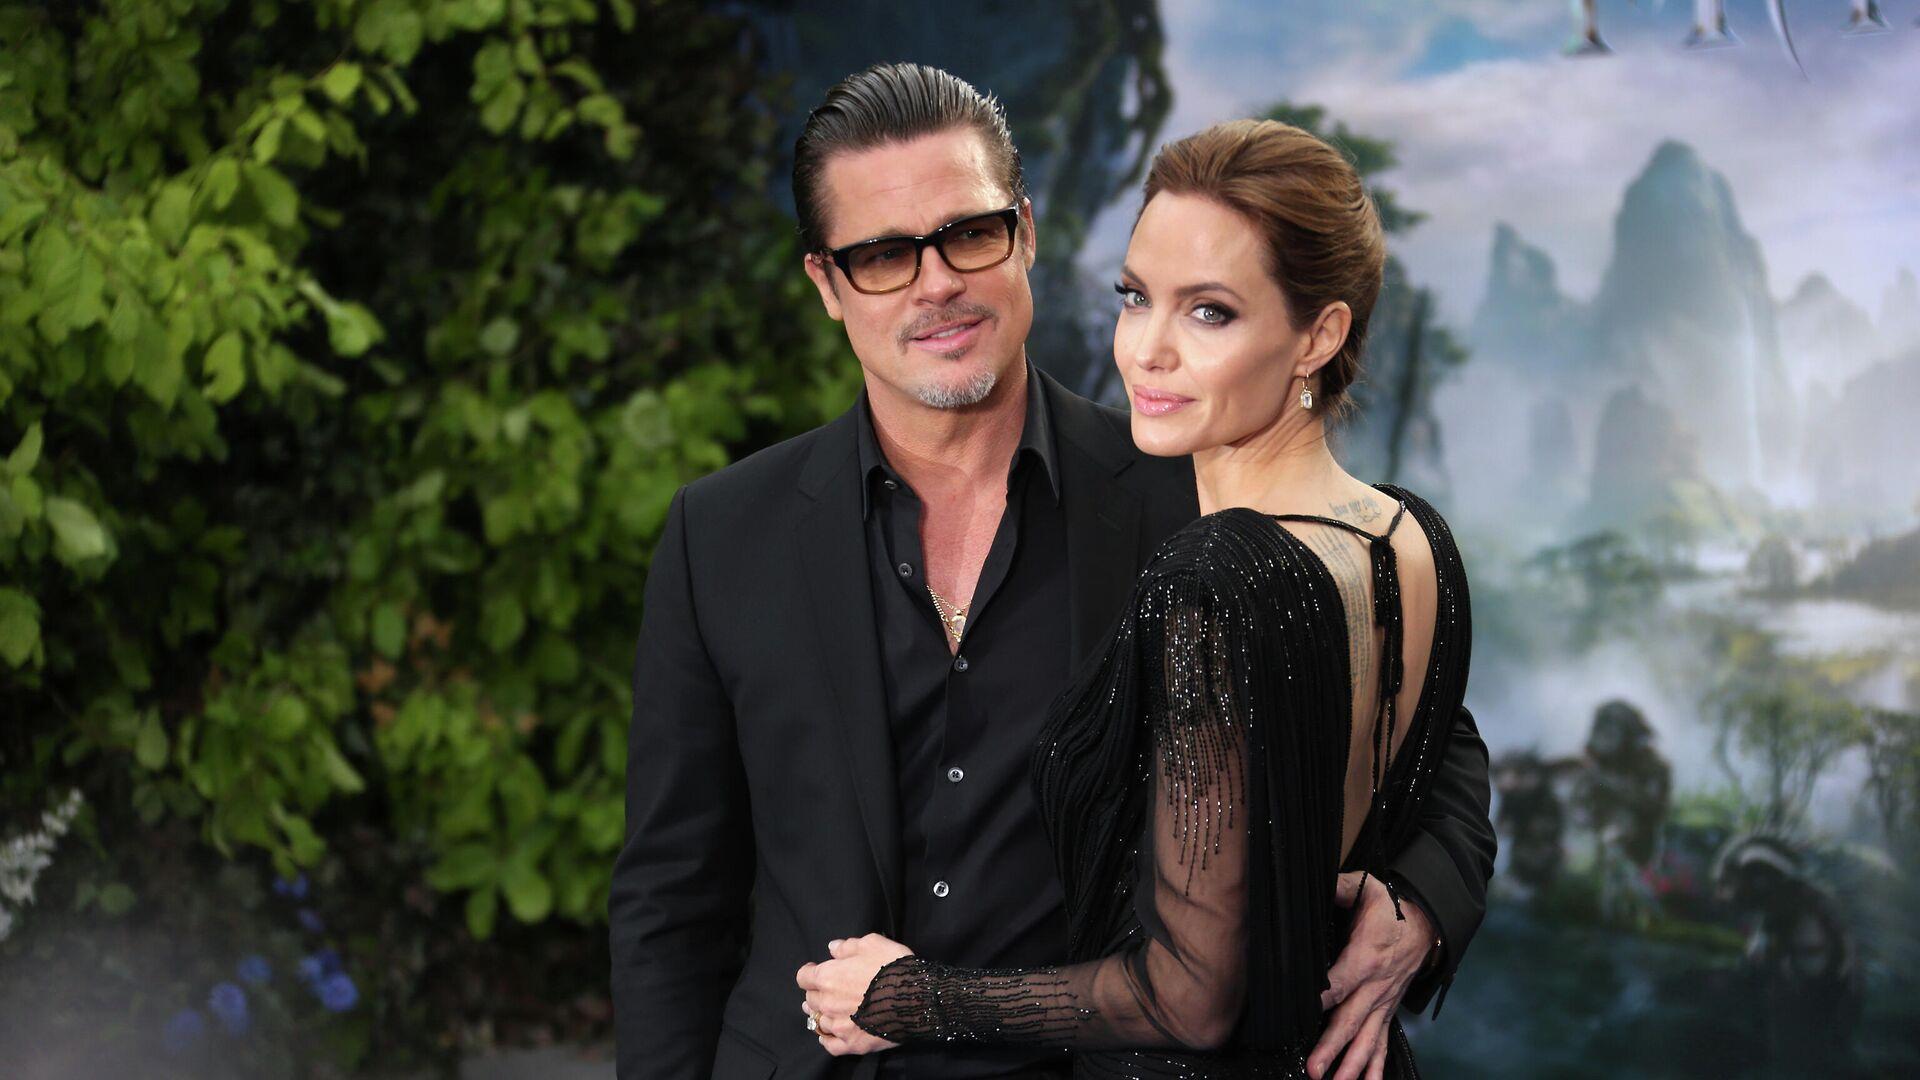 Брэд Питт и Анджелина Джоли в Лондоне - РИА Новости, 1920, 04.10.2020